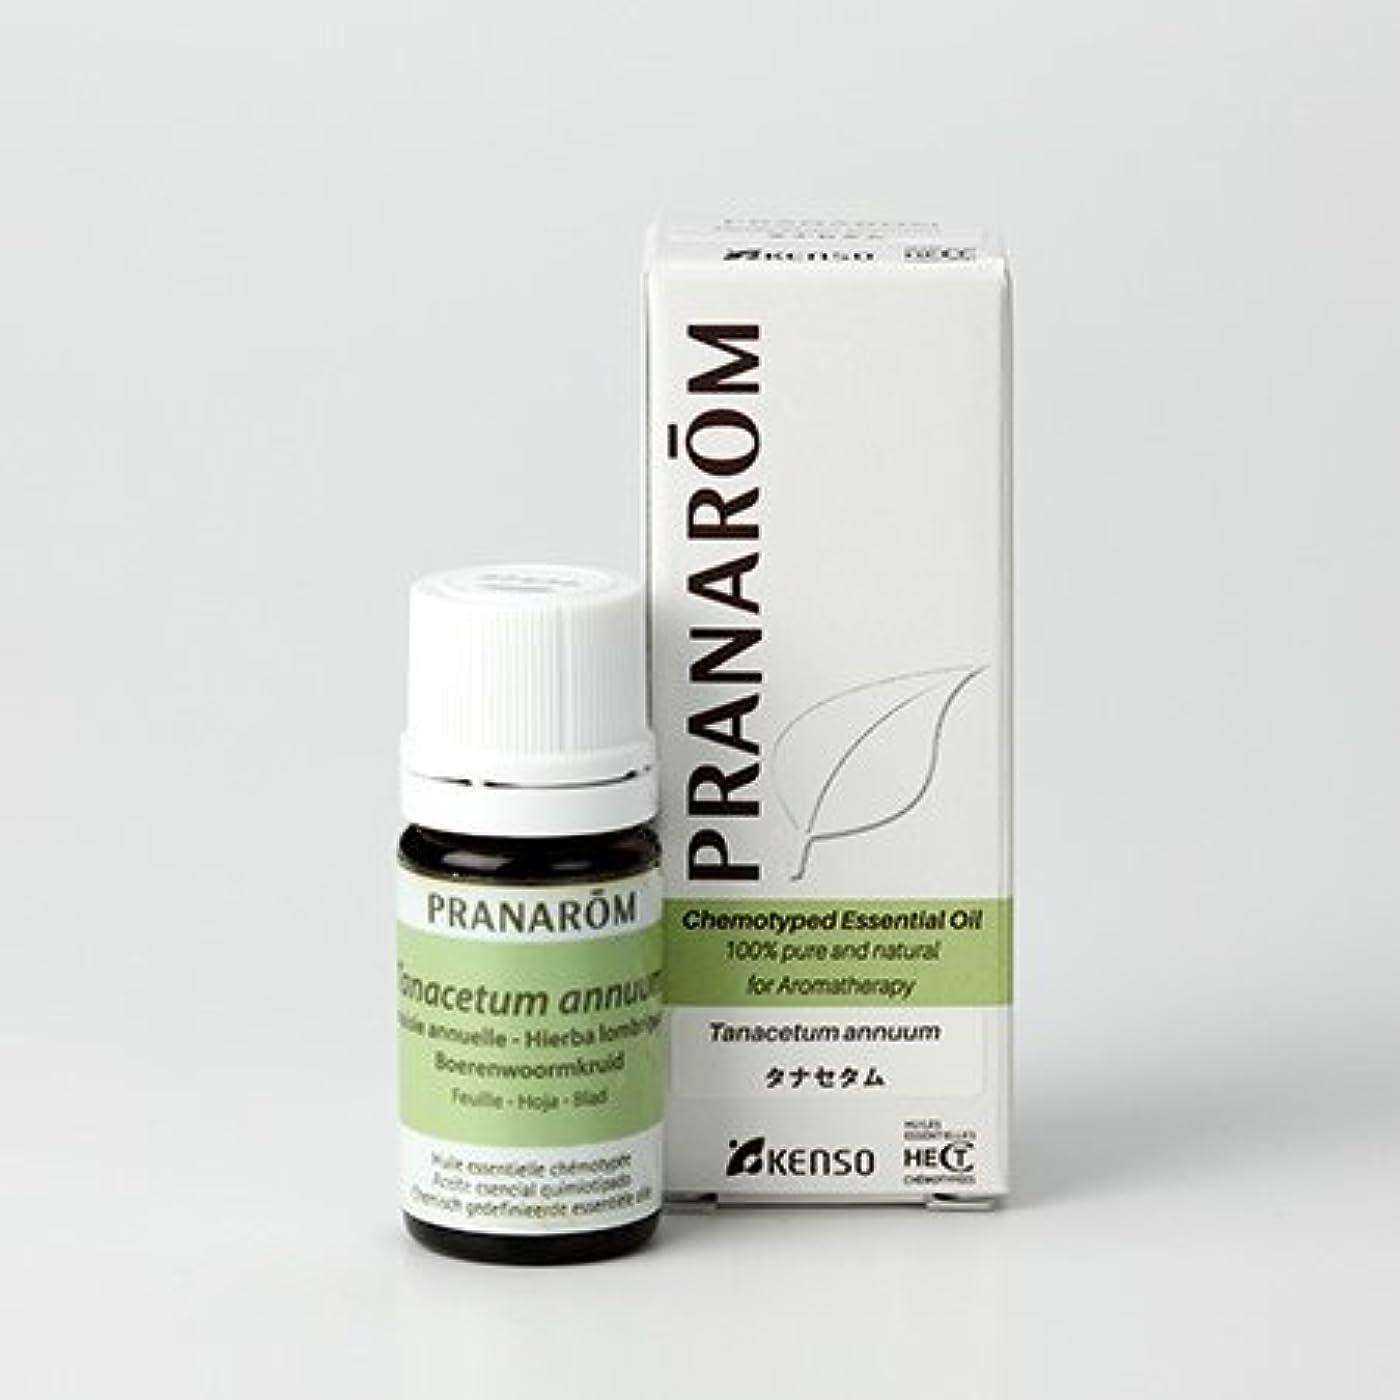 蓮レキシコン前者【タナセタム 5ml】→甘みのある、濃厚でフルーティな香り?(リラックスハーブ系)[PRANAROM(プラナロム)精油/アロマオイル/エッセンシャルオイル]P-173